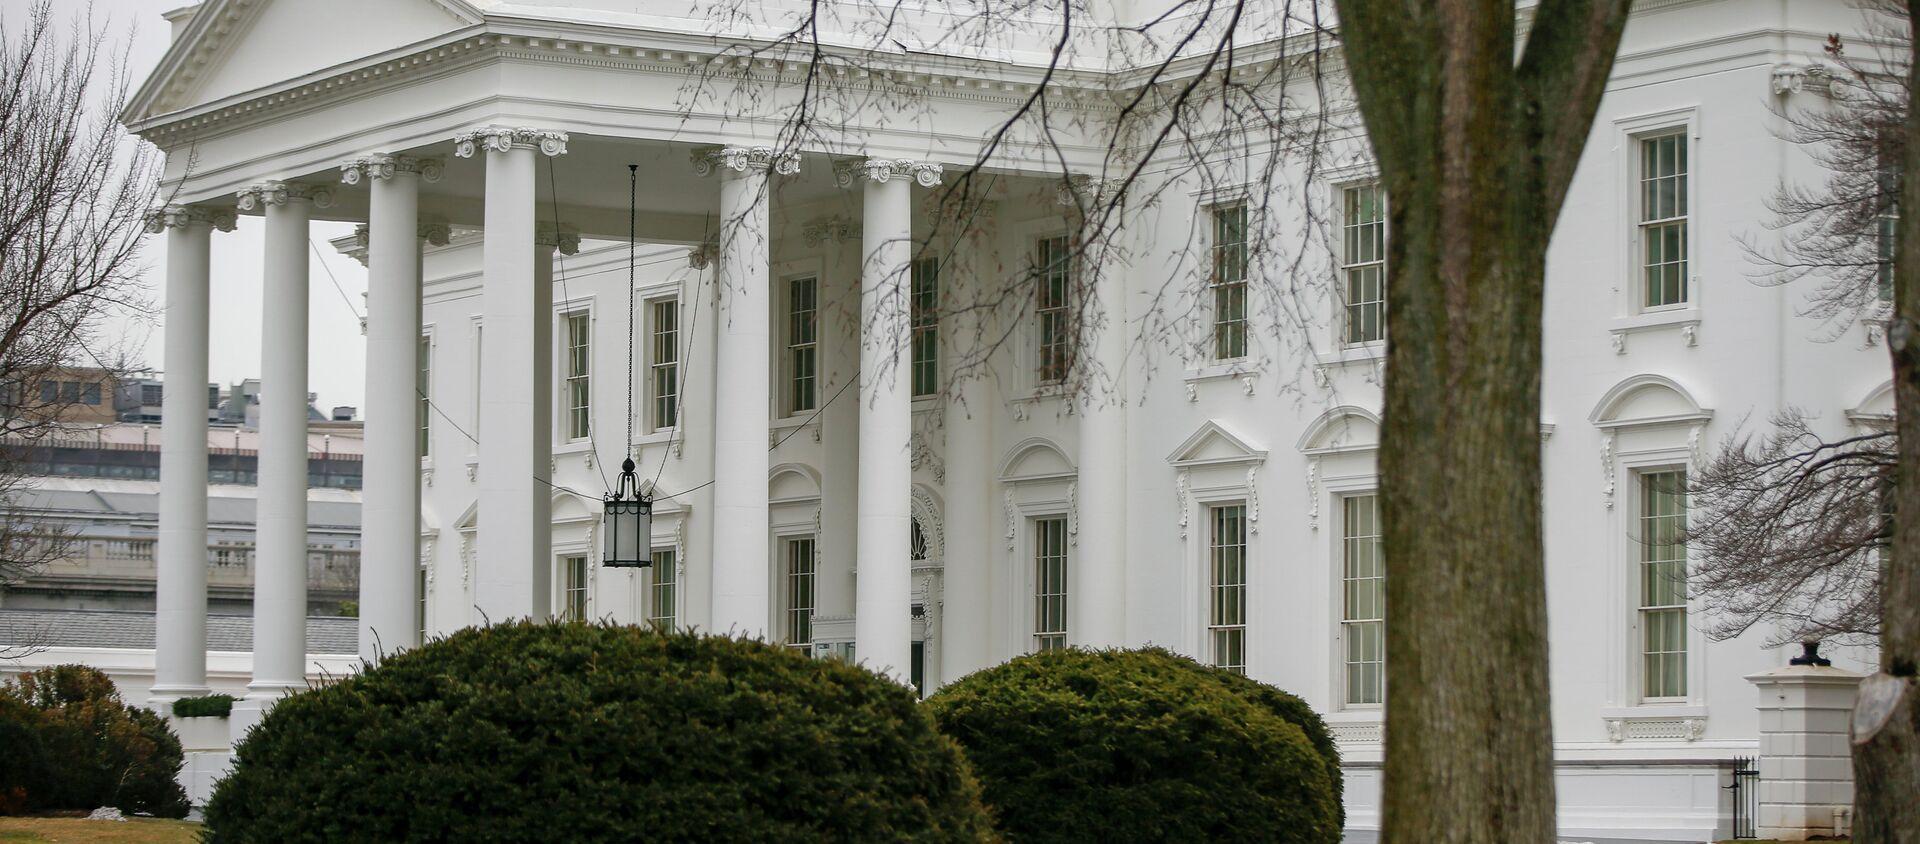 Бела кућа у Вашингтону, САД - Sputnik Србија, 1920, 04.03.2021